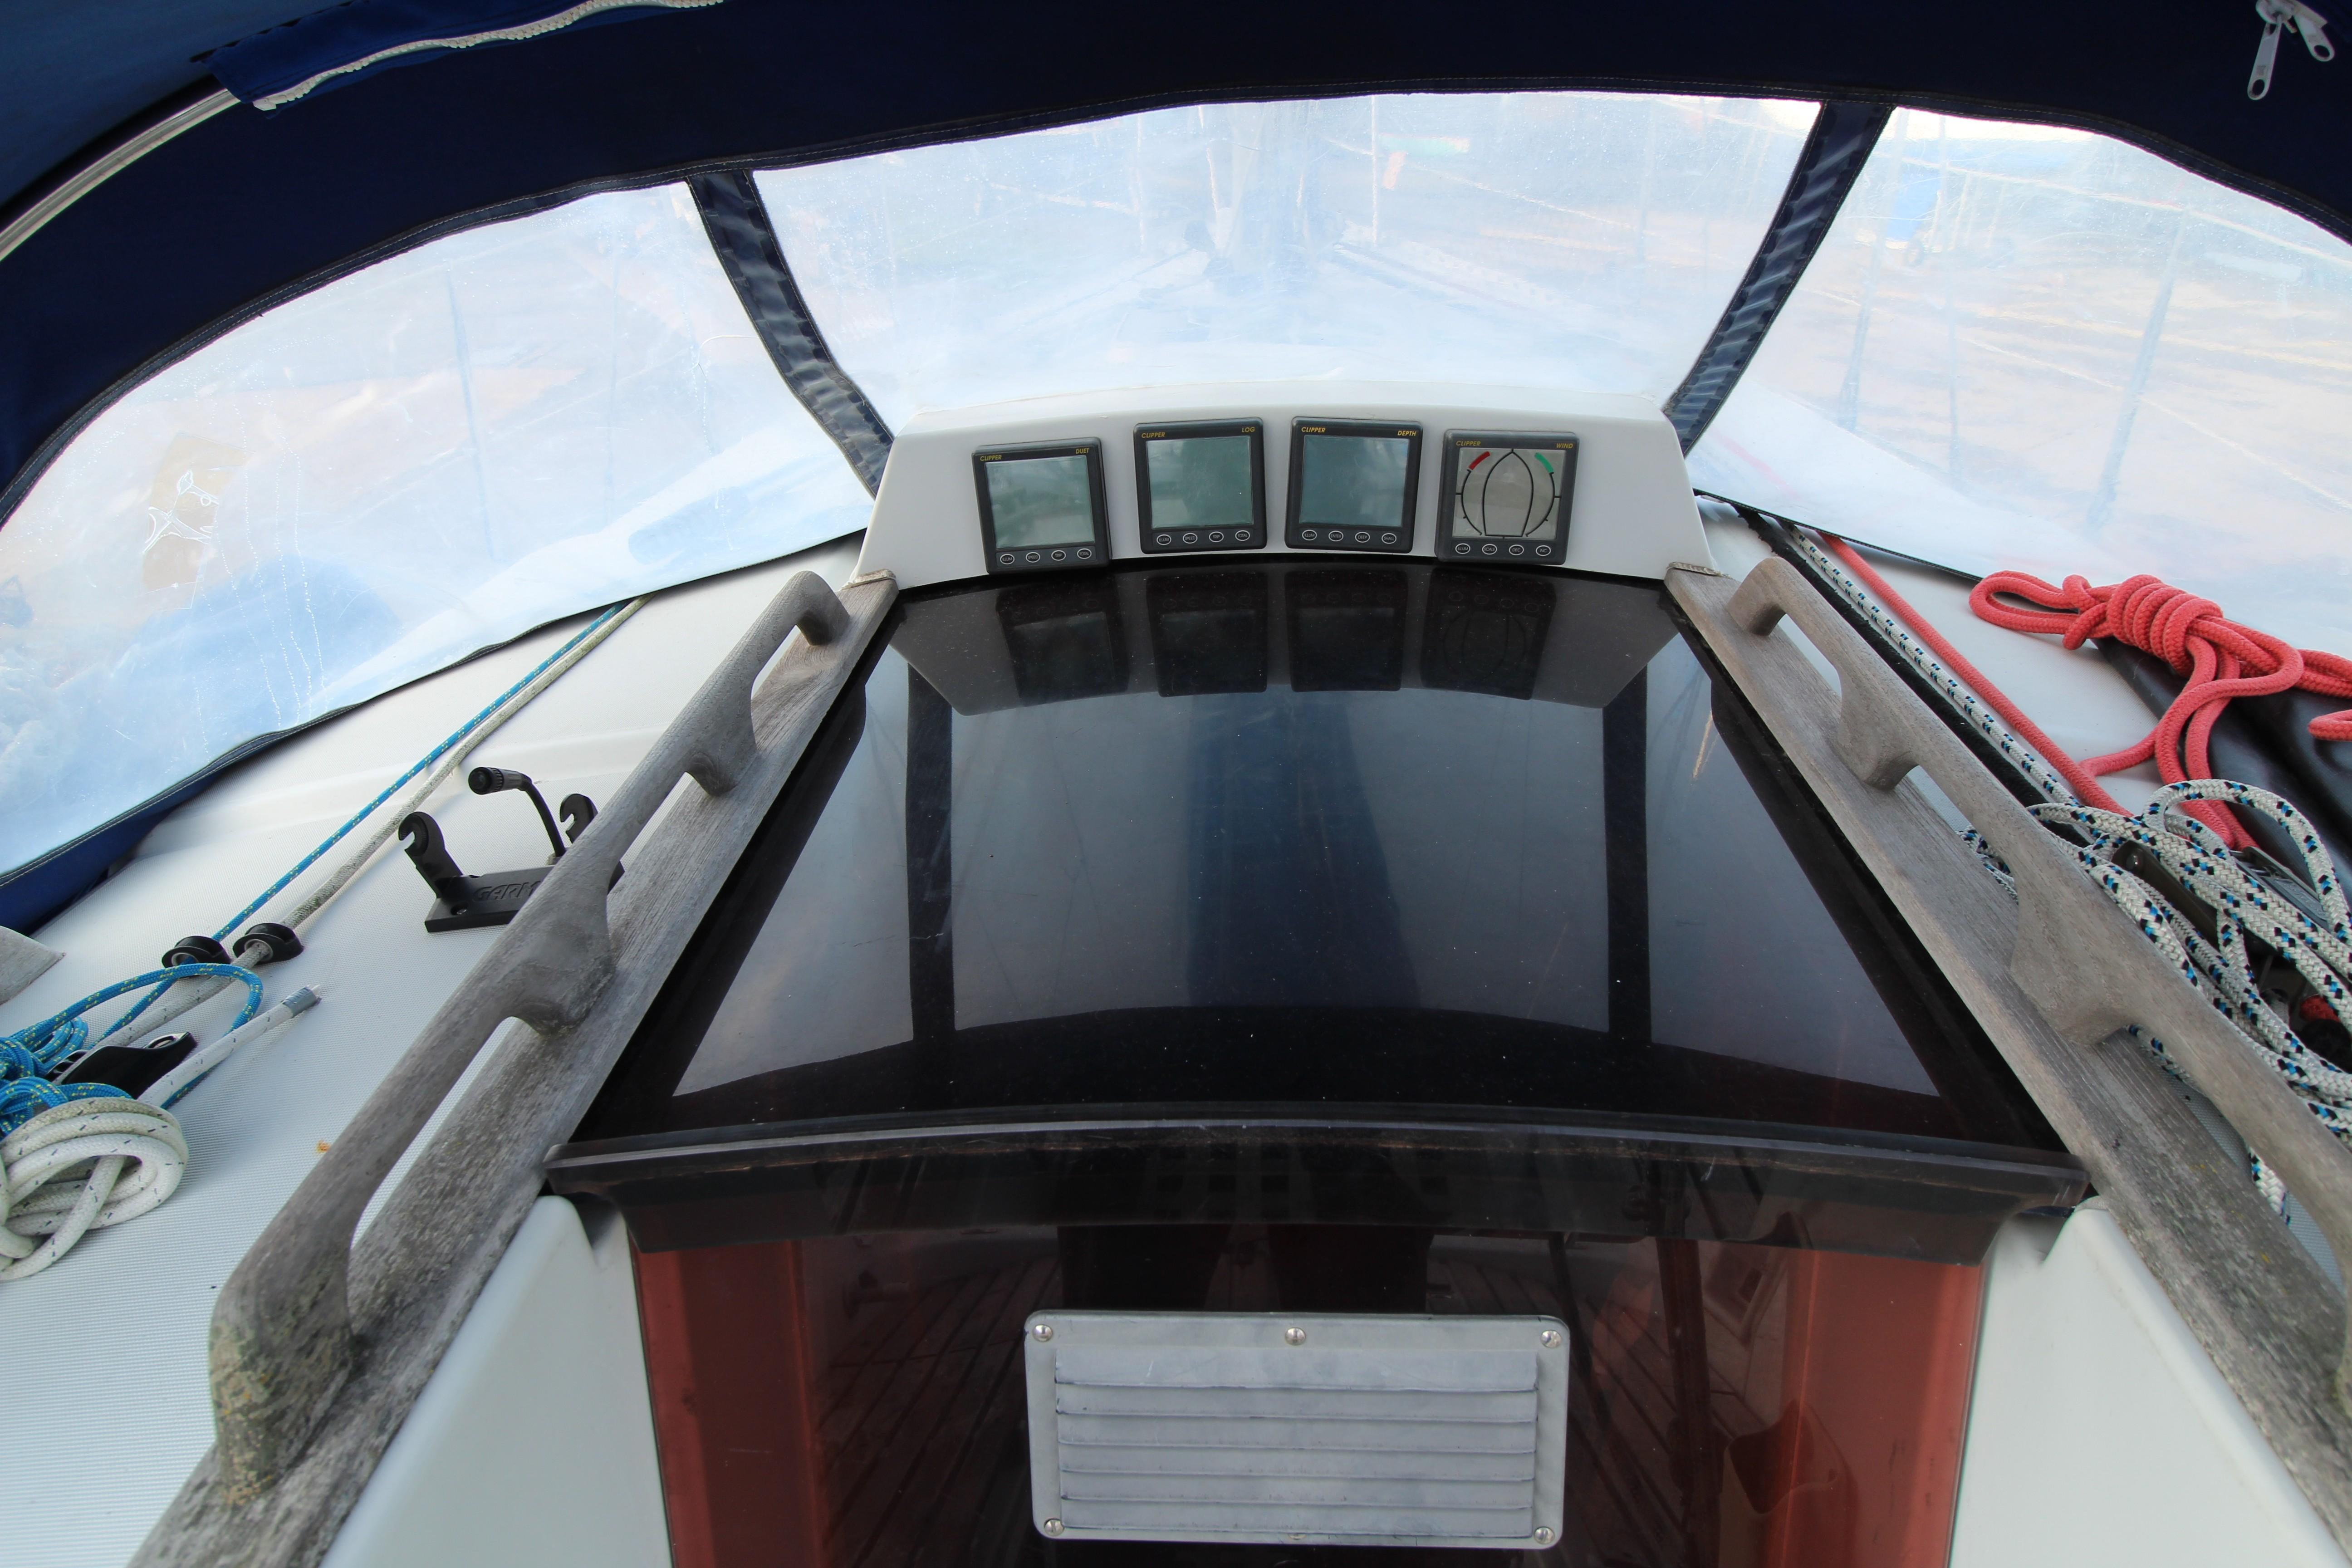 Feeling 326 Lift Keel instruments